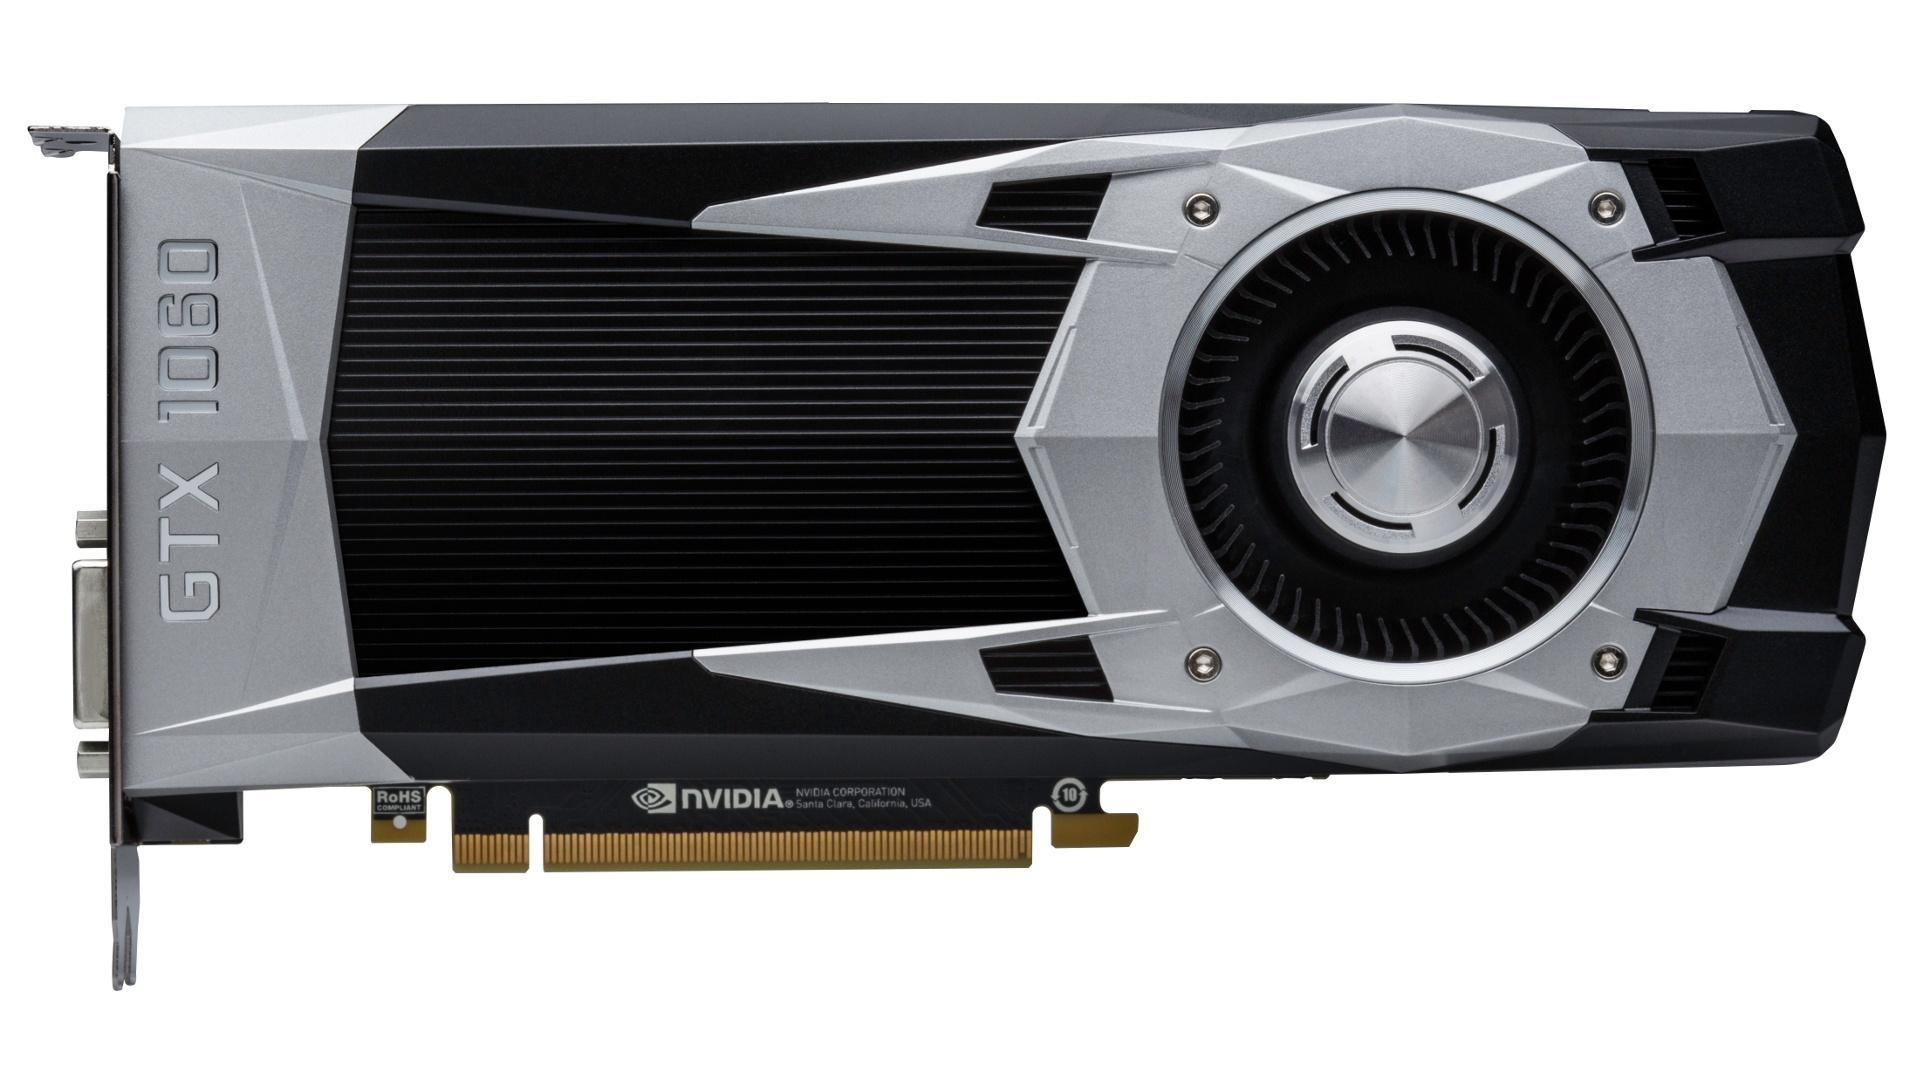 پردازنده گرافیکی Nvidia Geforce GTX 1060 لپ تاپ HP Omen 15-cx0008ca لپ تاپ Pavilion 15-ce198wm اچ پی